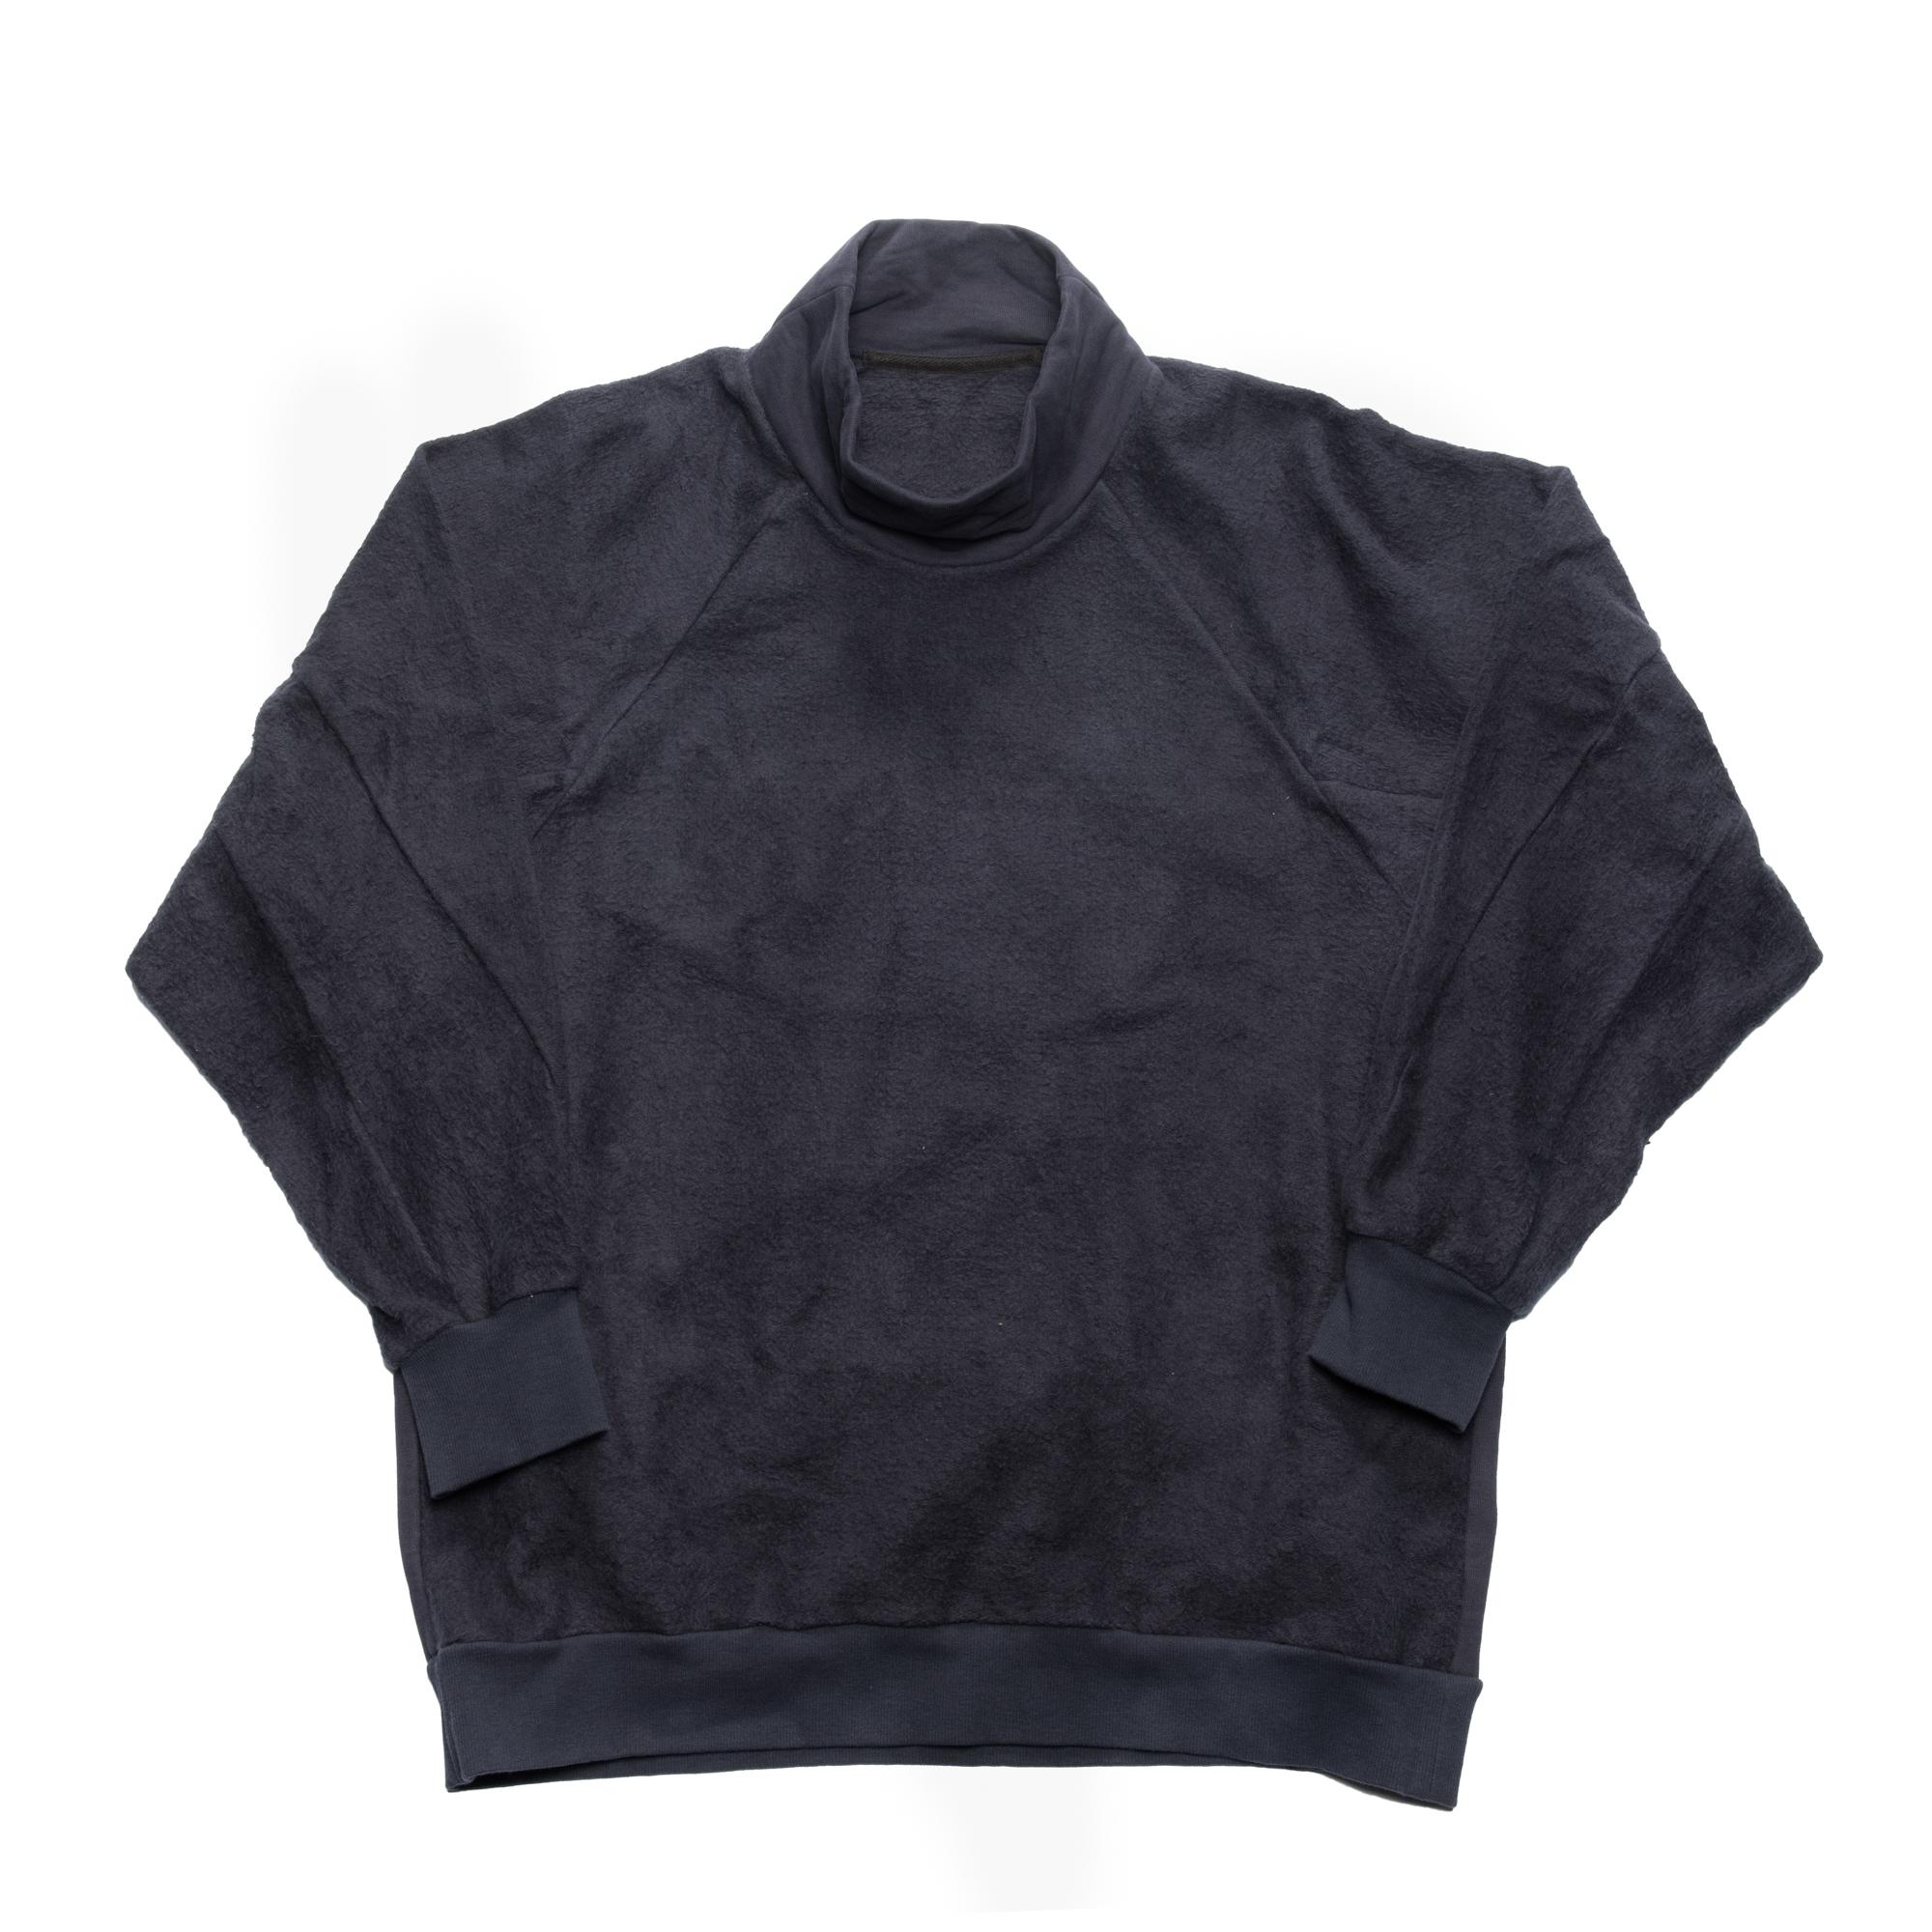 637CUM4-BLUE GRAY / インサイドアウト シームドスウェットシャツ